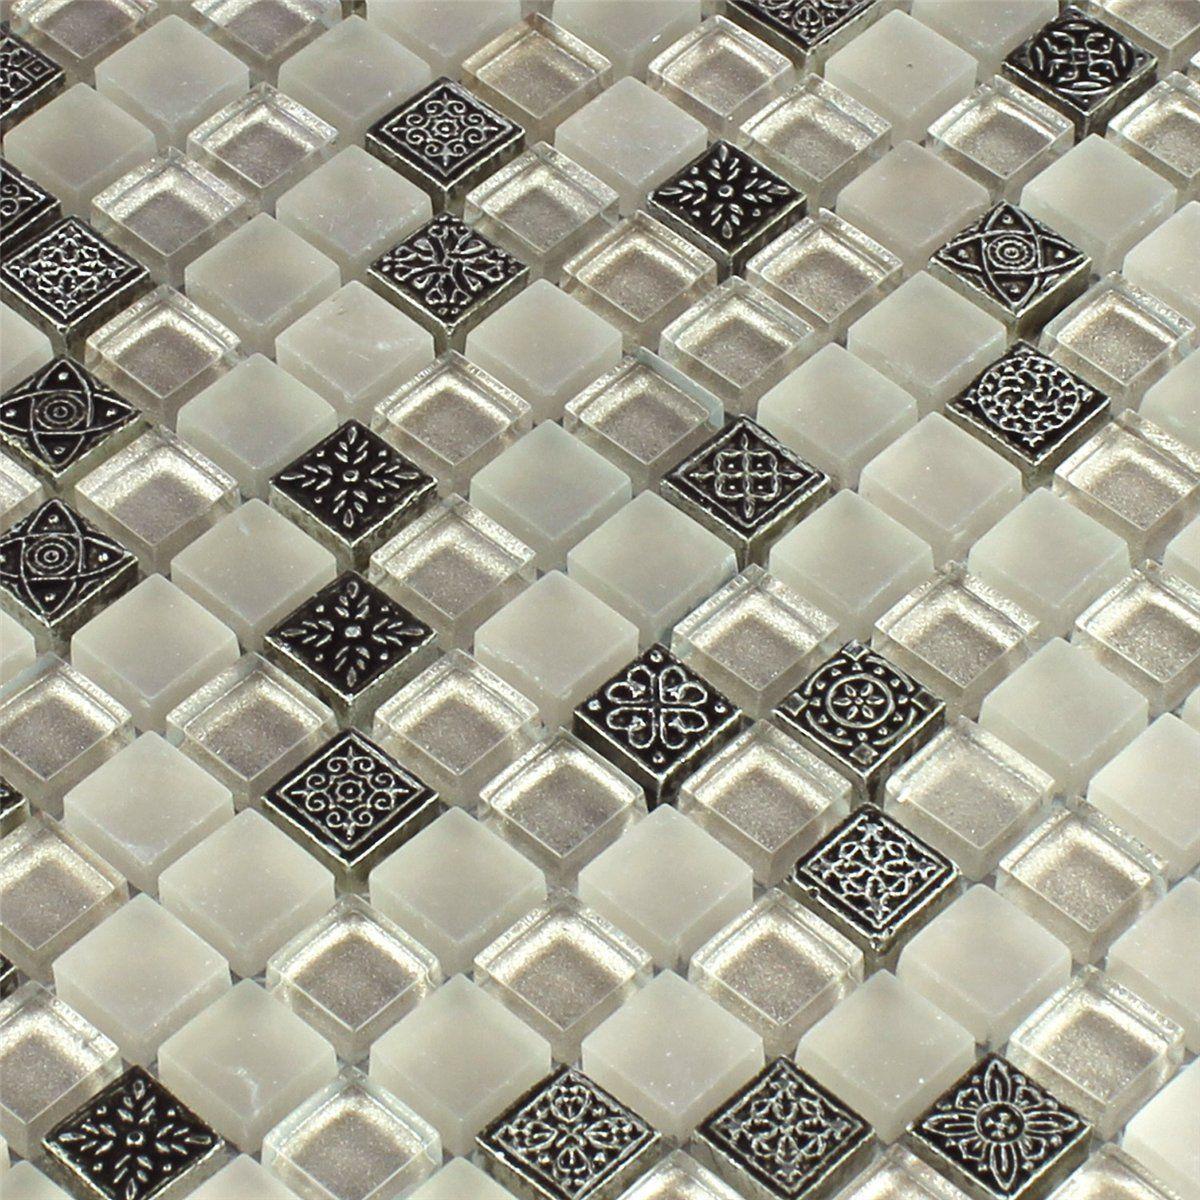 Mosaikfliese Glas Naturstein Ornament Champagne Ebay